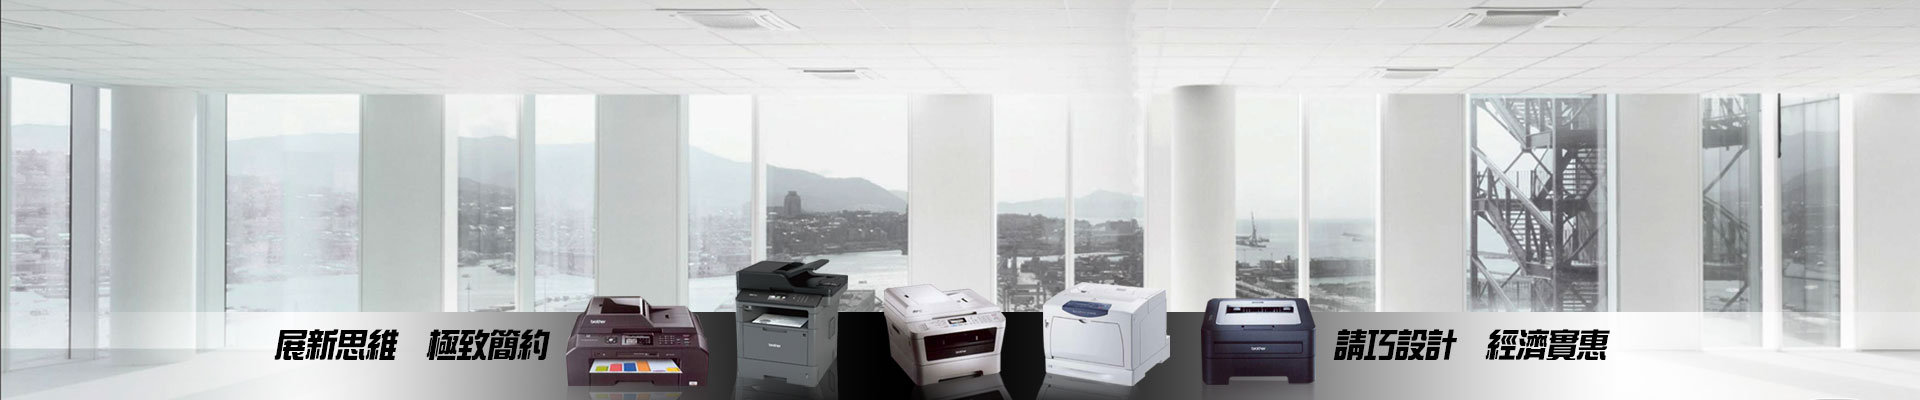 辦公設備 事務機器 千盛辦公設備有限公司